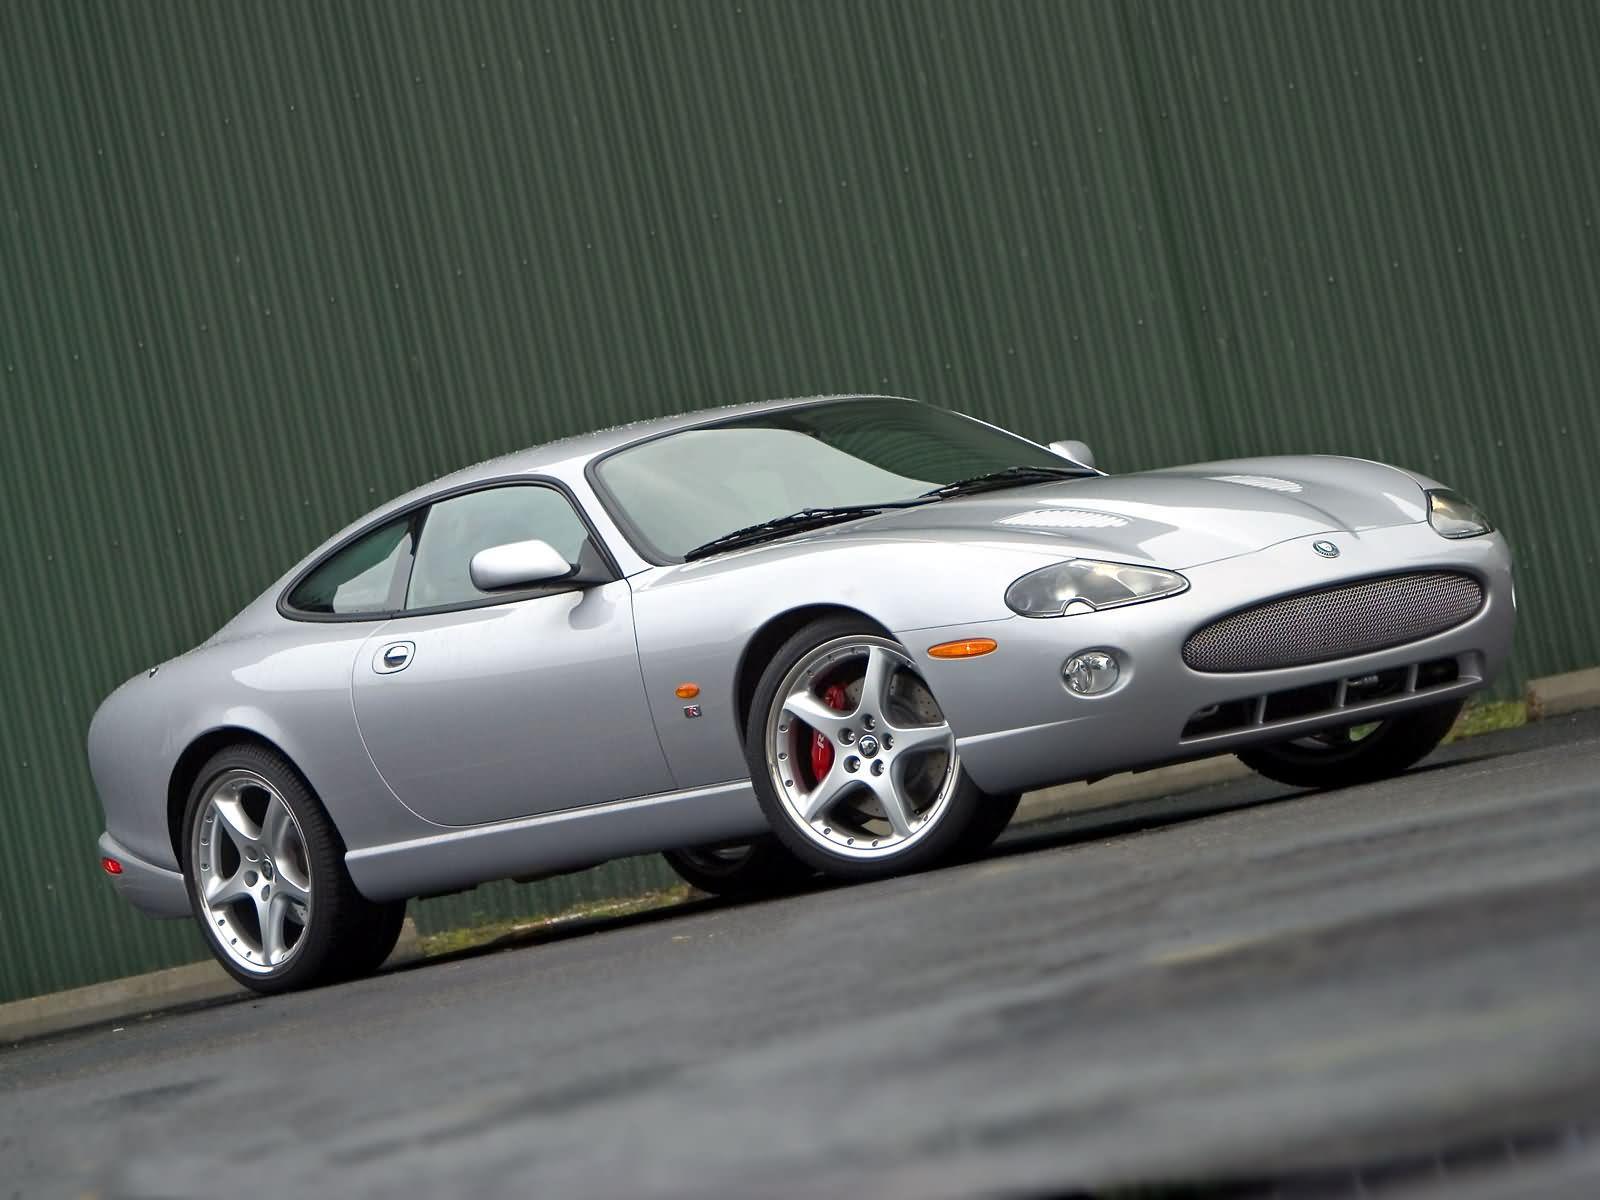 2002 jaguar skr